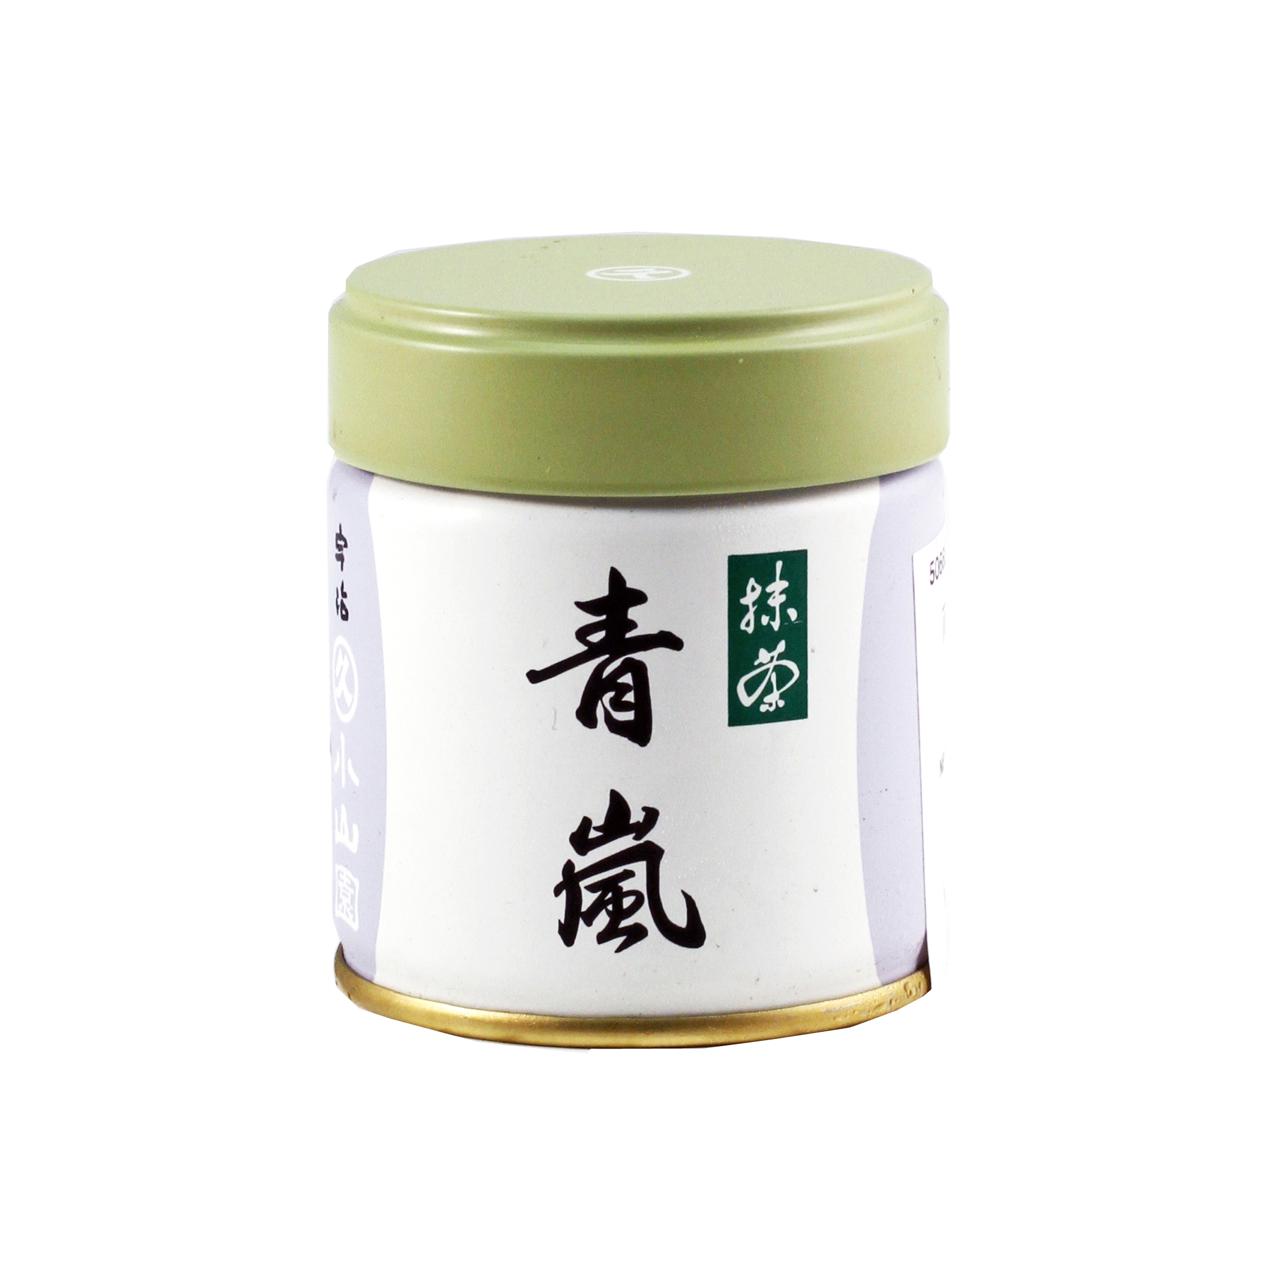 Ao Arashi Matcha Green Tea Powder Ceremonial Grade 1.4 oz